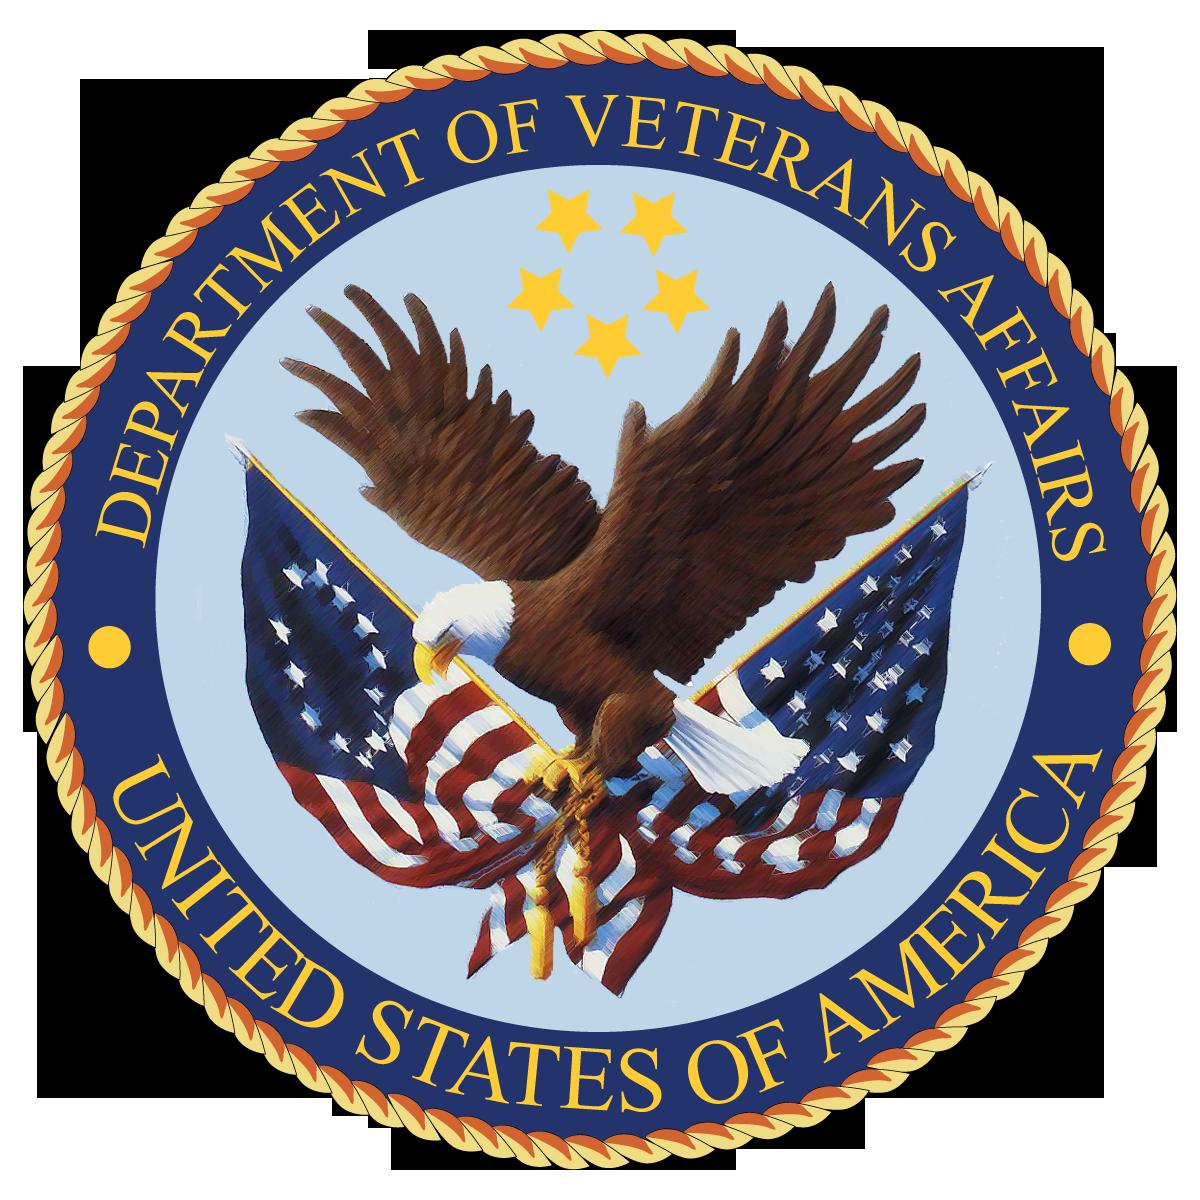 U.S. Veterans Affairs logo